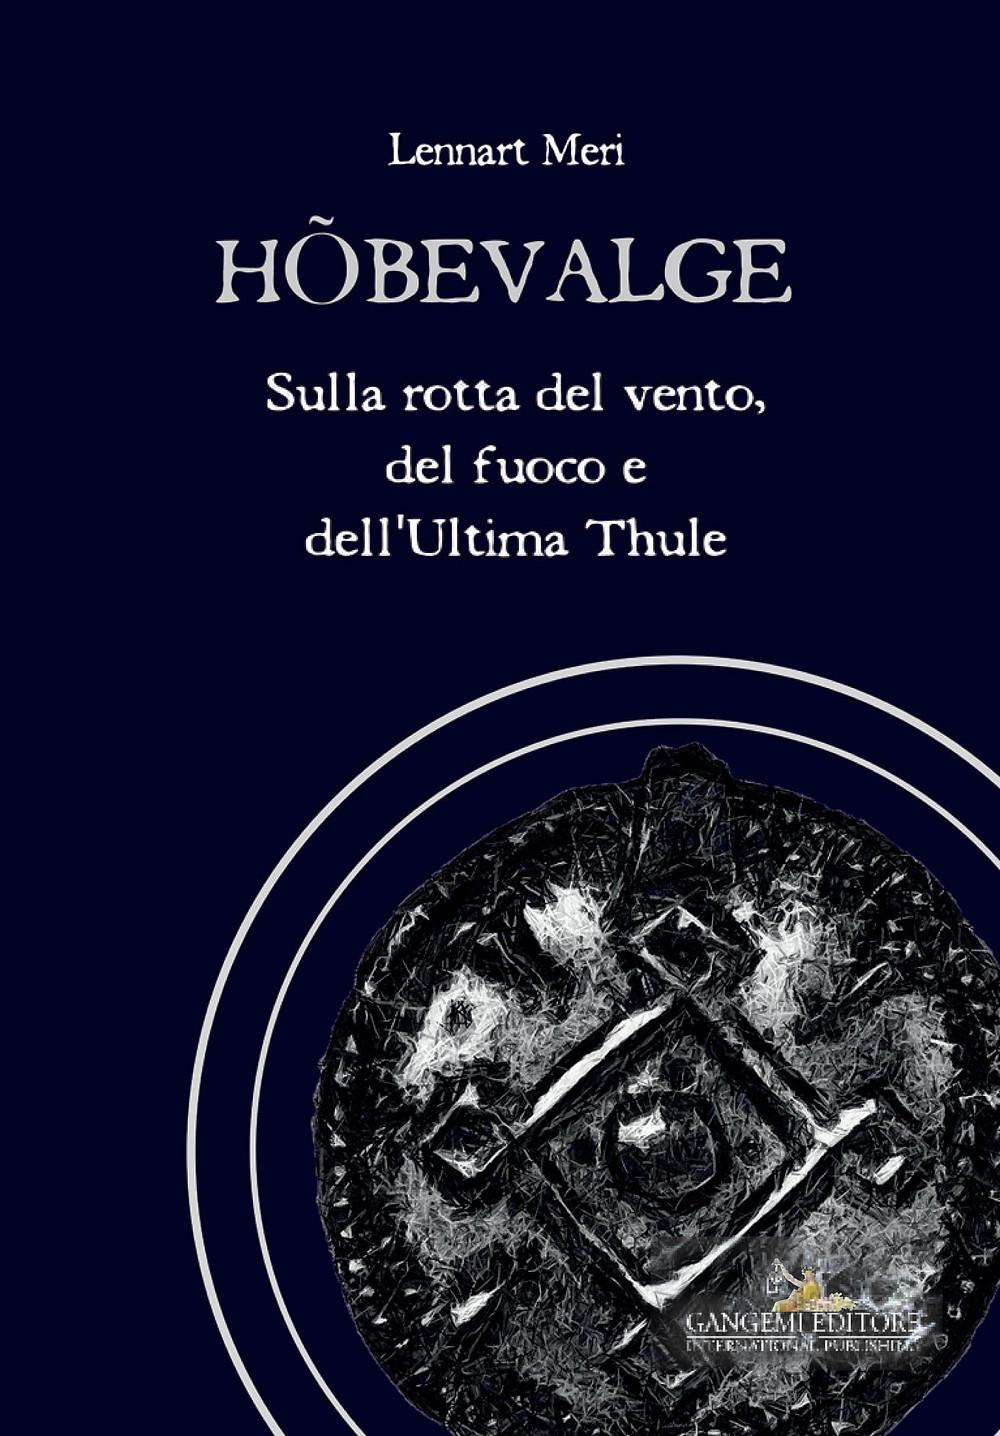 """""""Hõbevalge. Sulla rotta del vento, del fuoco e dell'Ultima Thule"""" di Lennart Meri"""